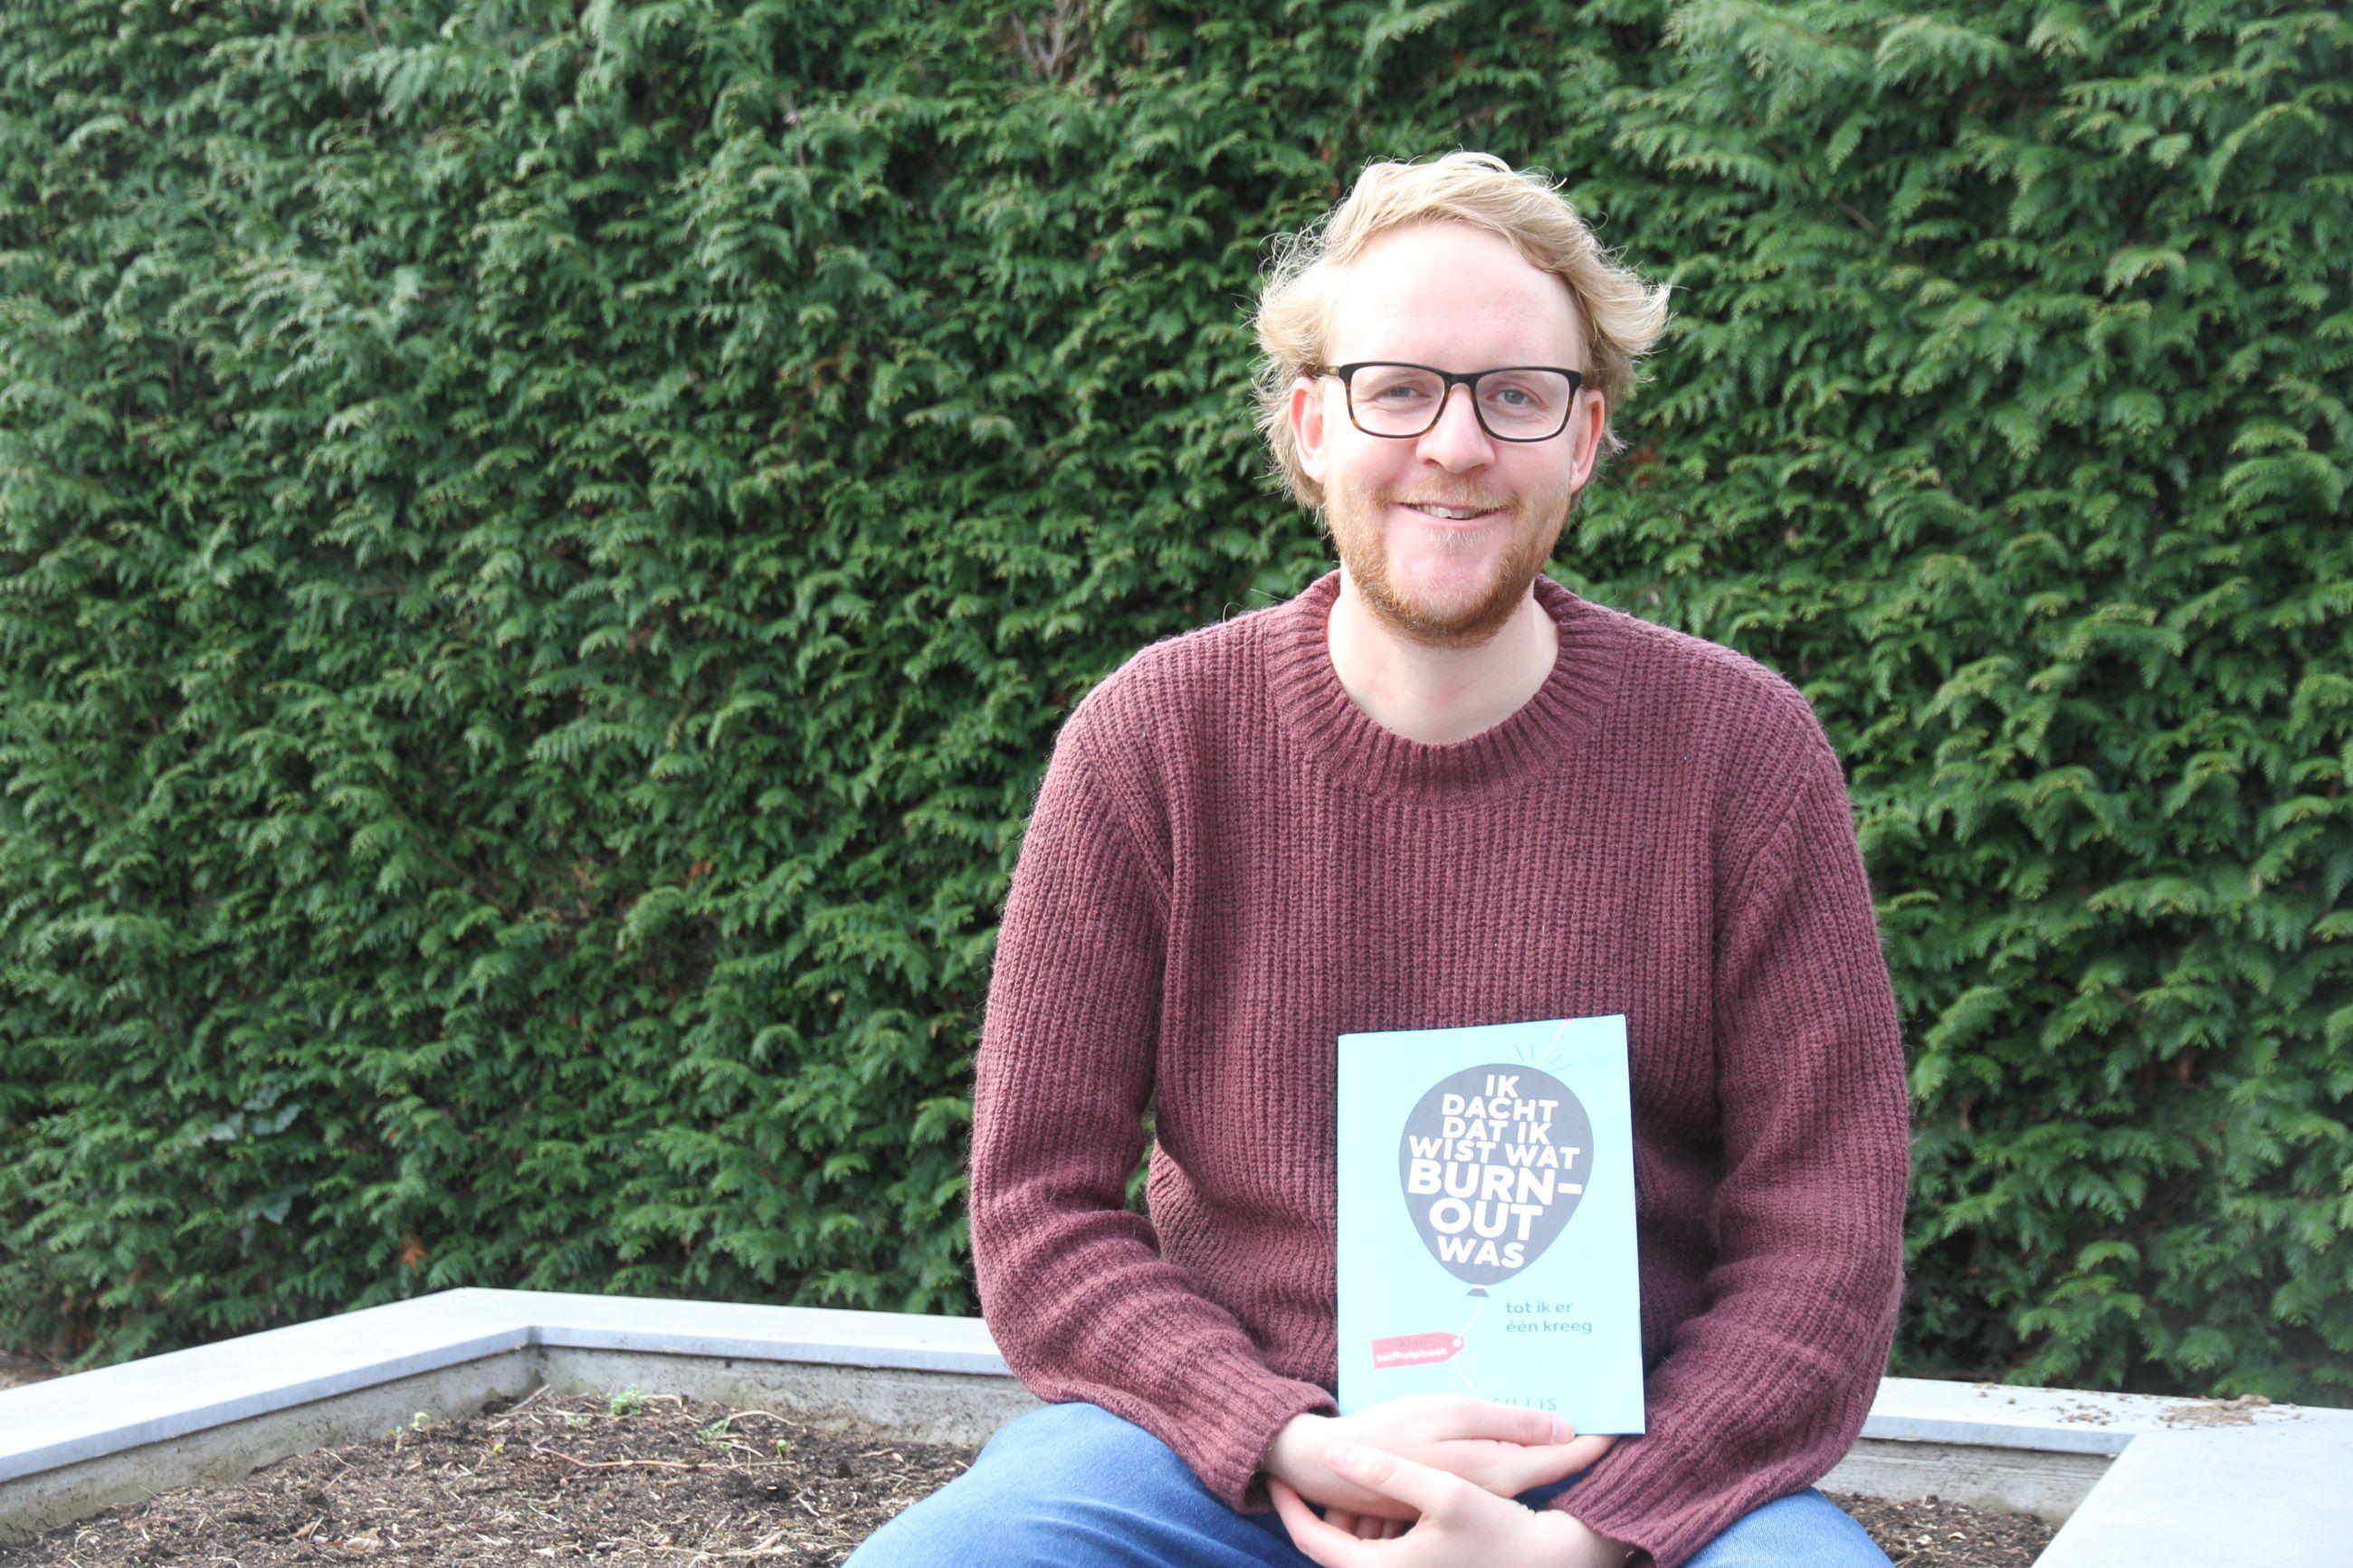 Een anti-zelfhulpboek voor burn-out